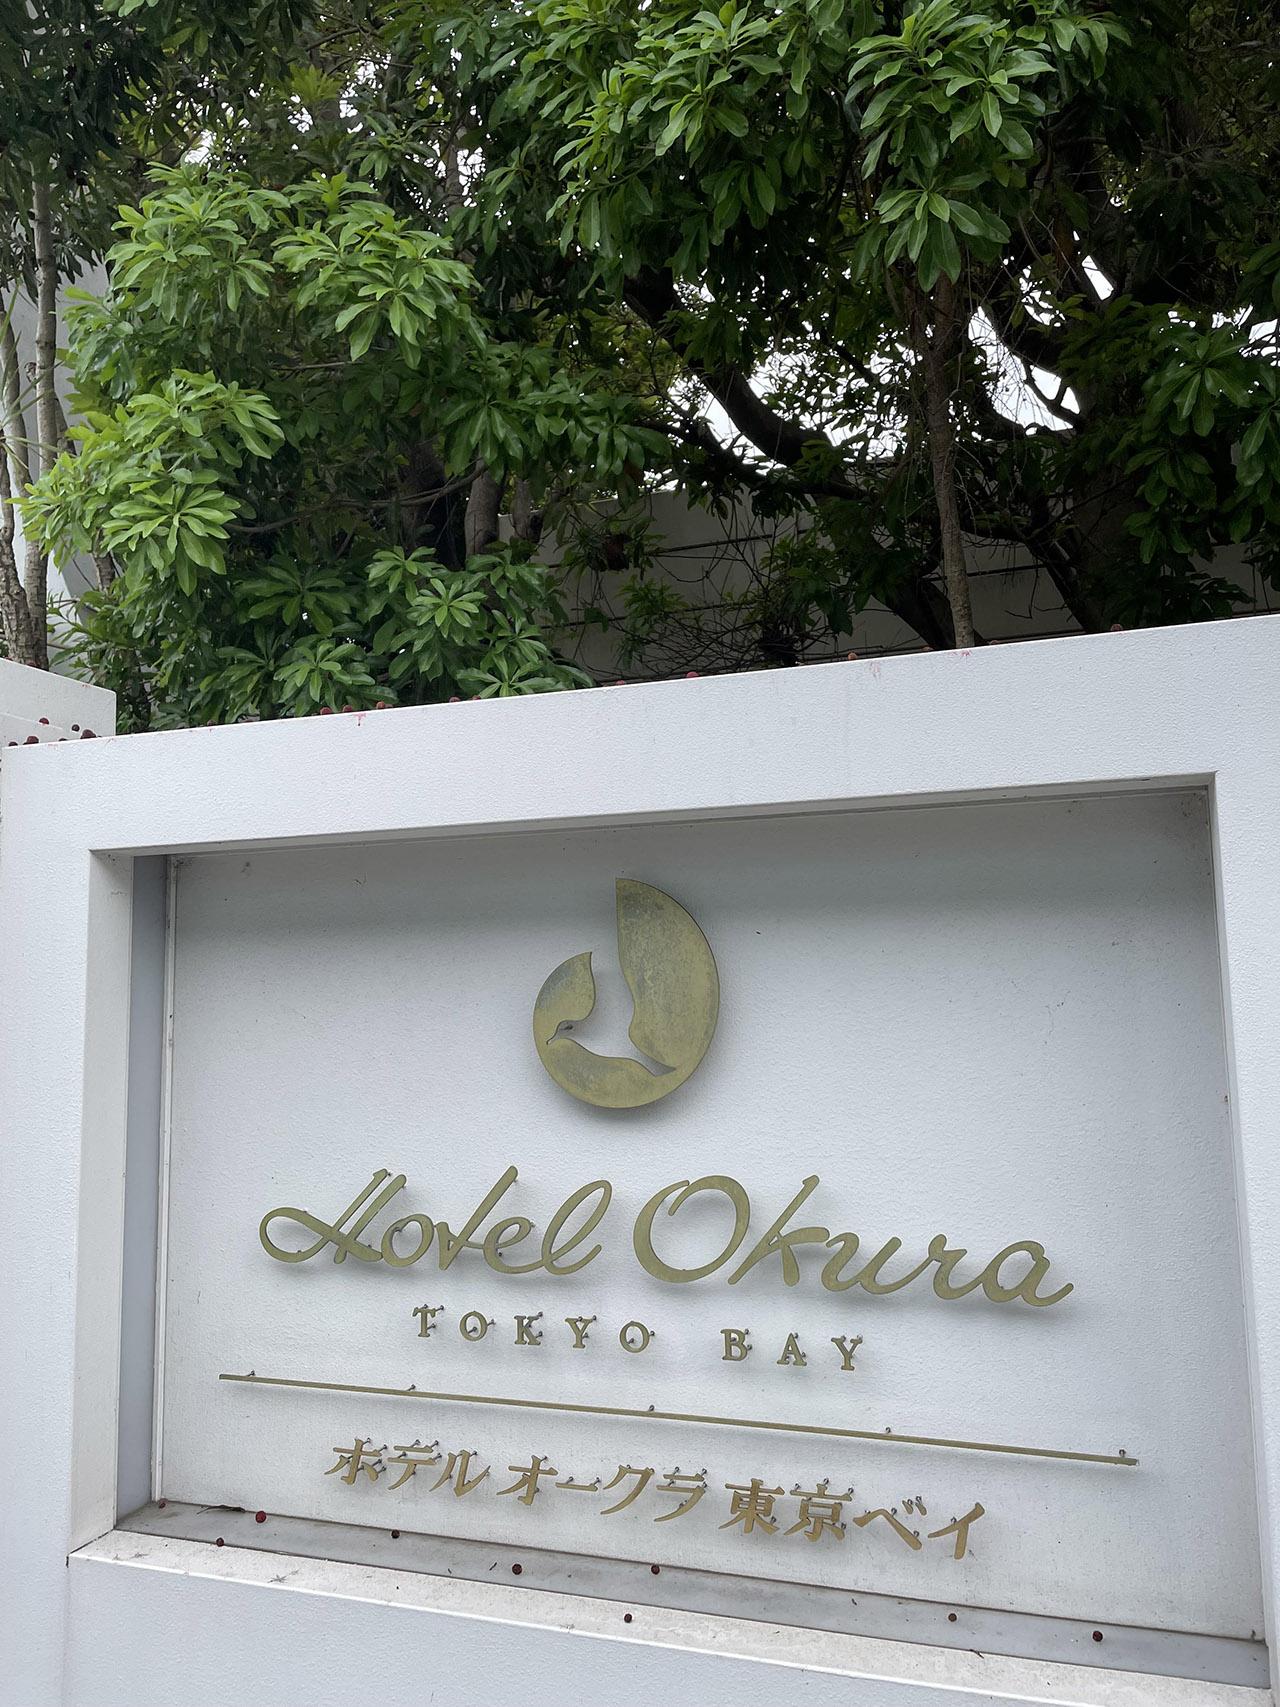 ホテルオークラ東京ベイの看板写真